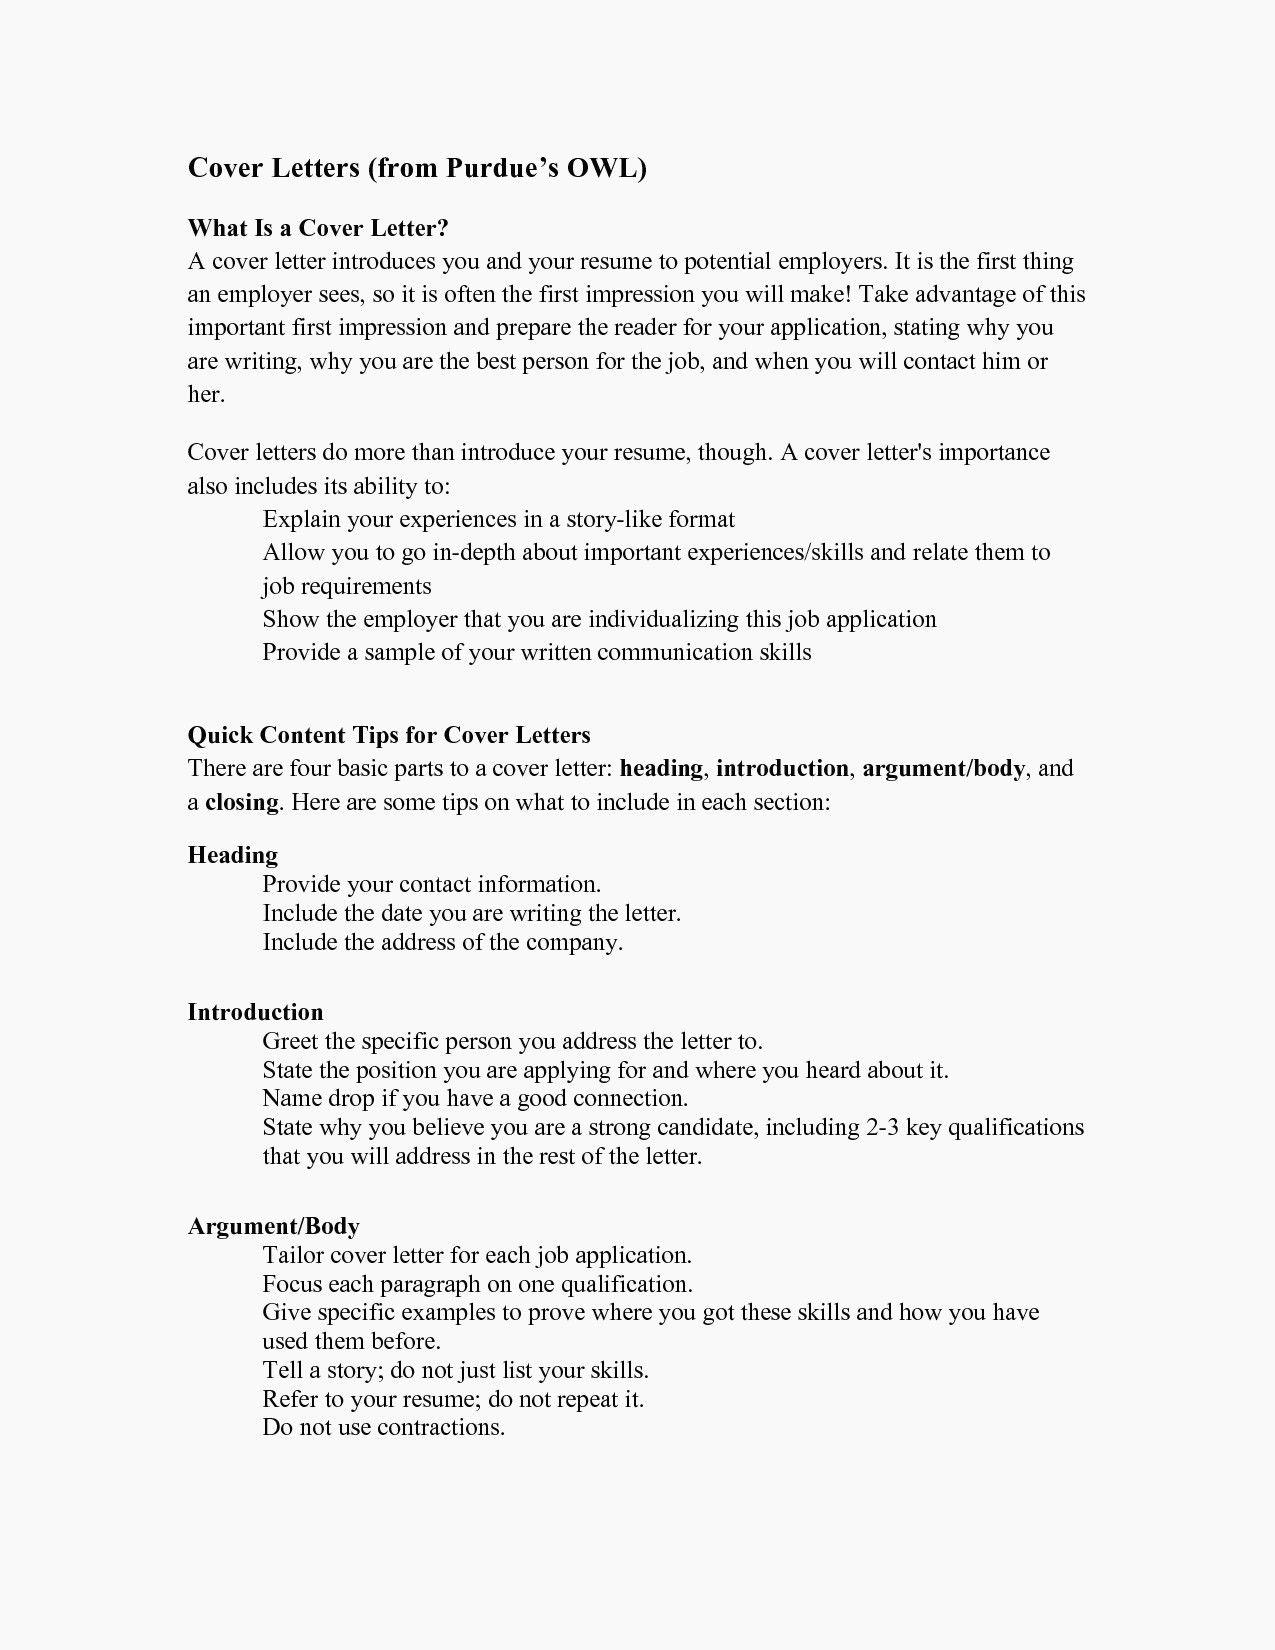 Resume Format Purdue Owl Resume Templates Cover Letter Template Writing A Cover Letter Cover Letter